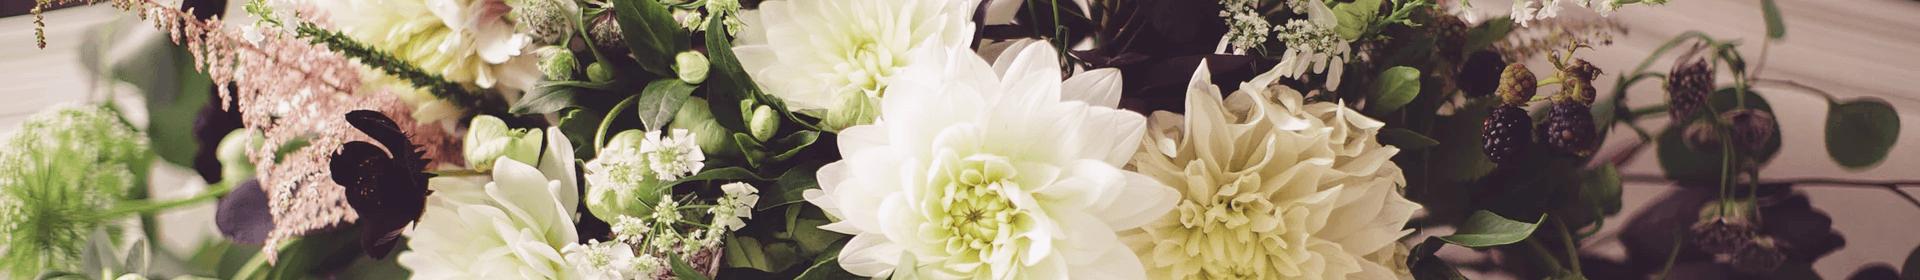 大阪府 堺市駅前の花屋 フラワーショップ花治